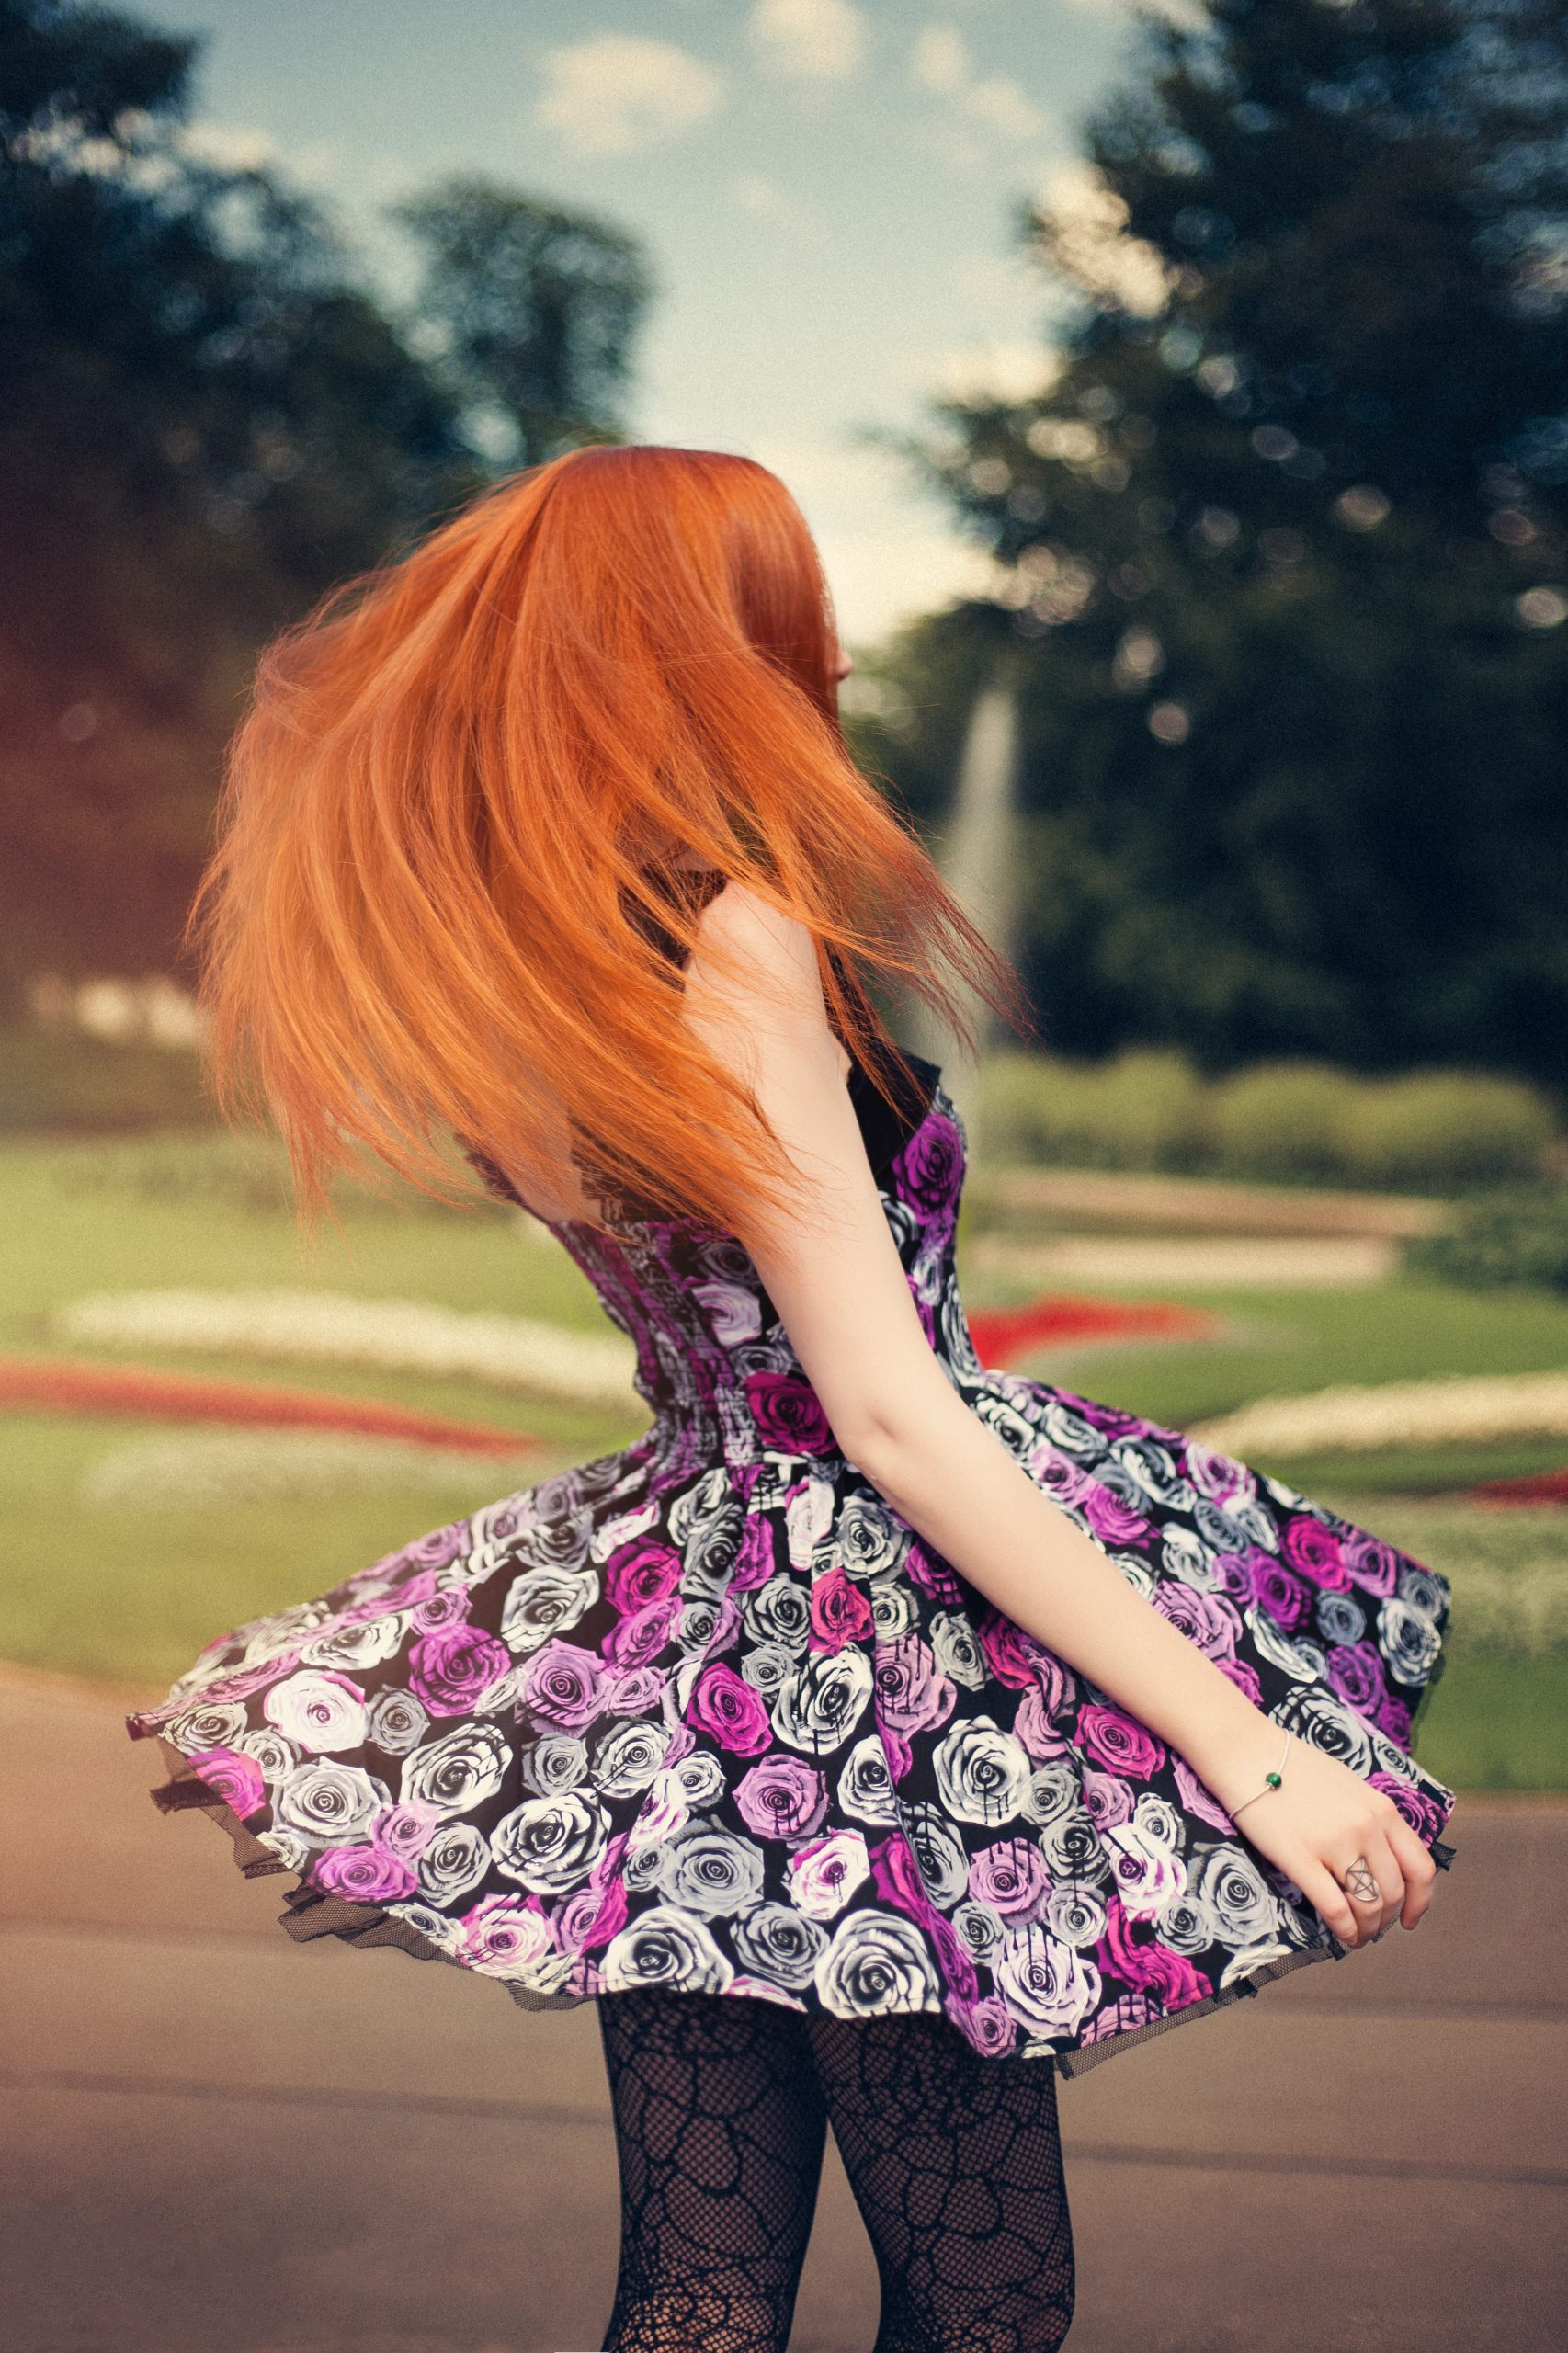 Flower Dress Girl